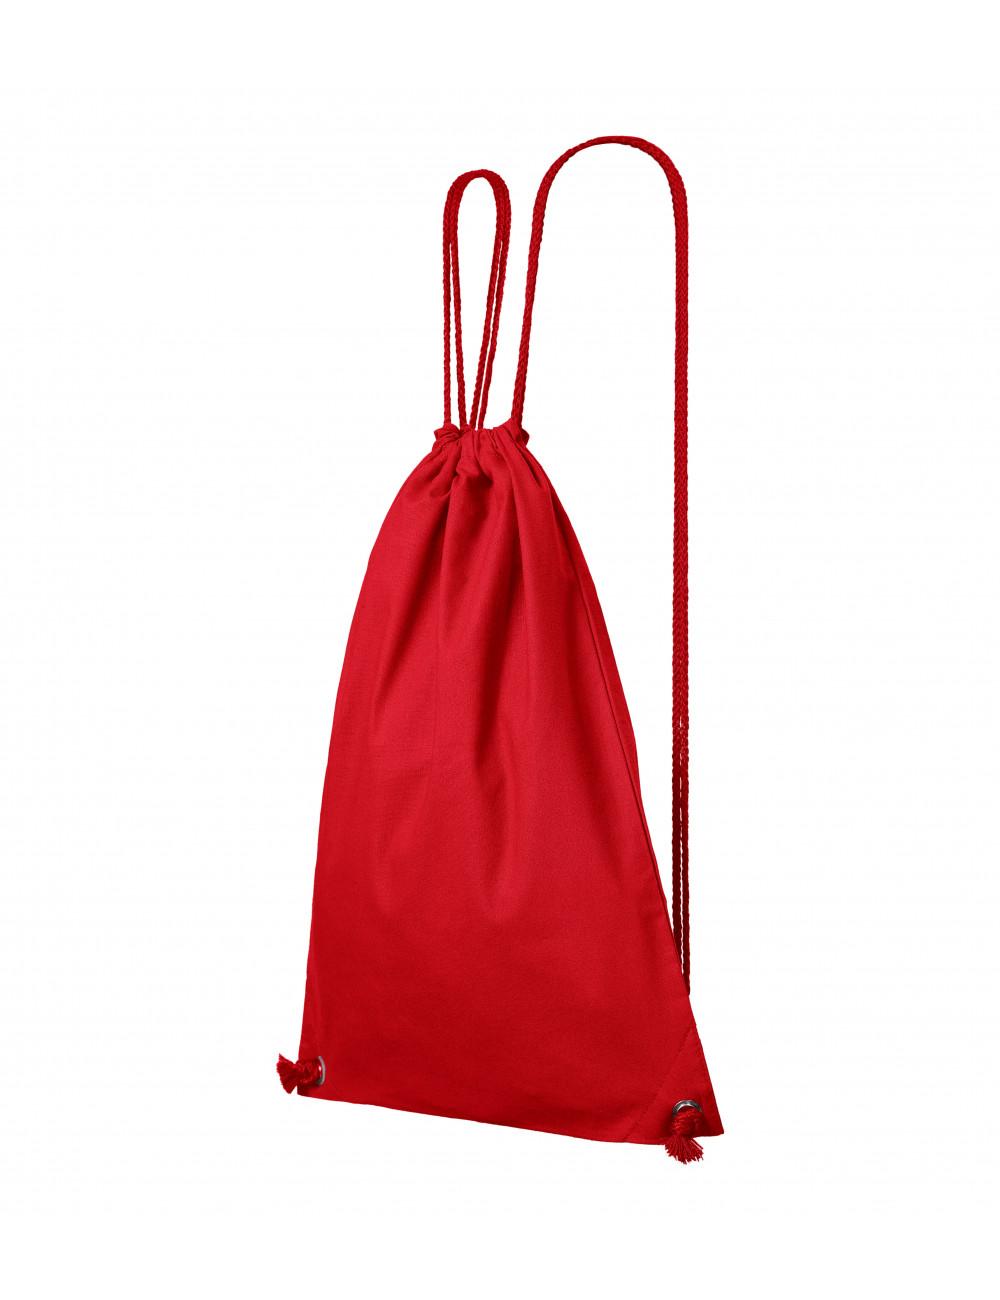 Adler MALFINI Plecak unisex Easygo 922 czerwony